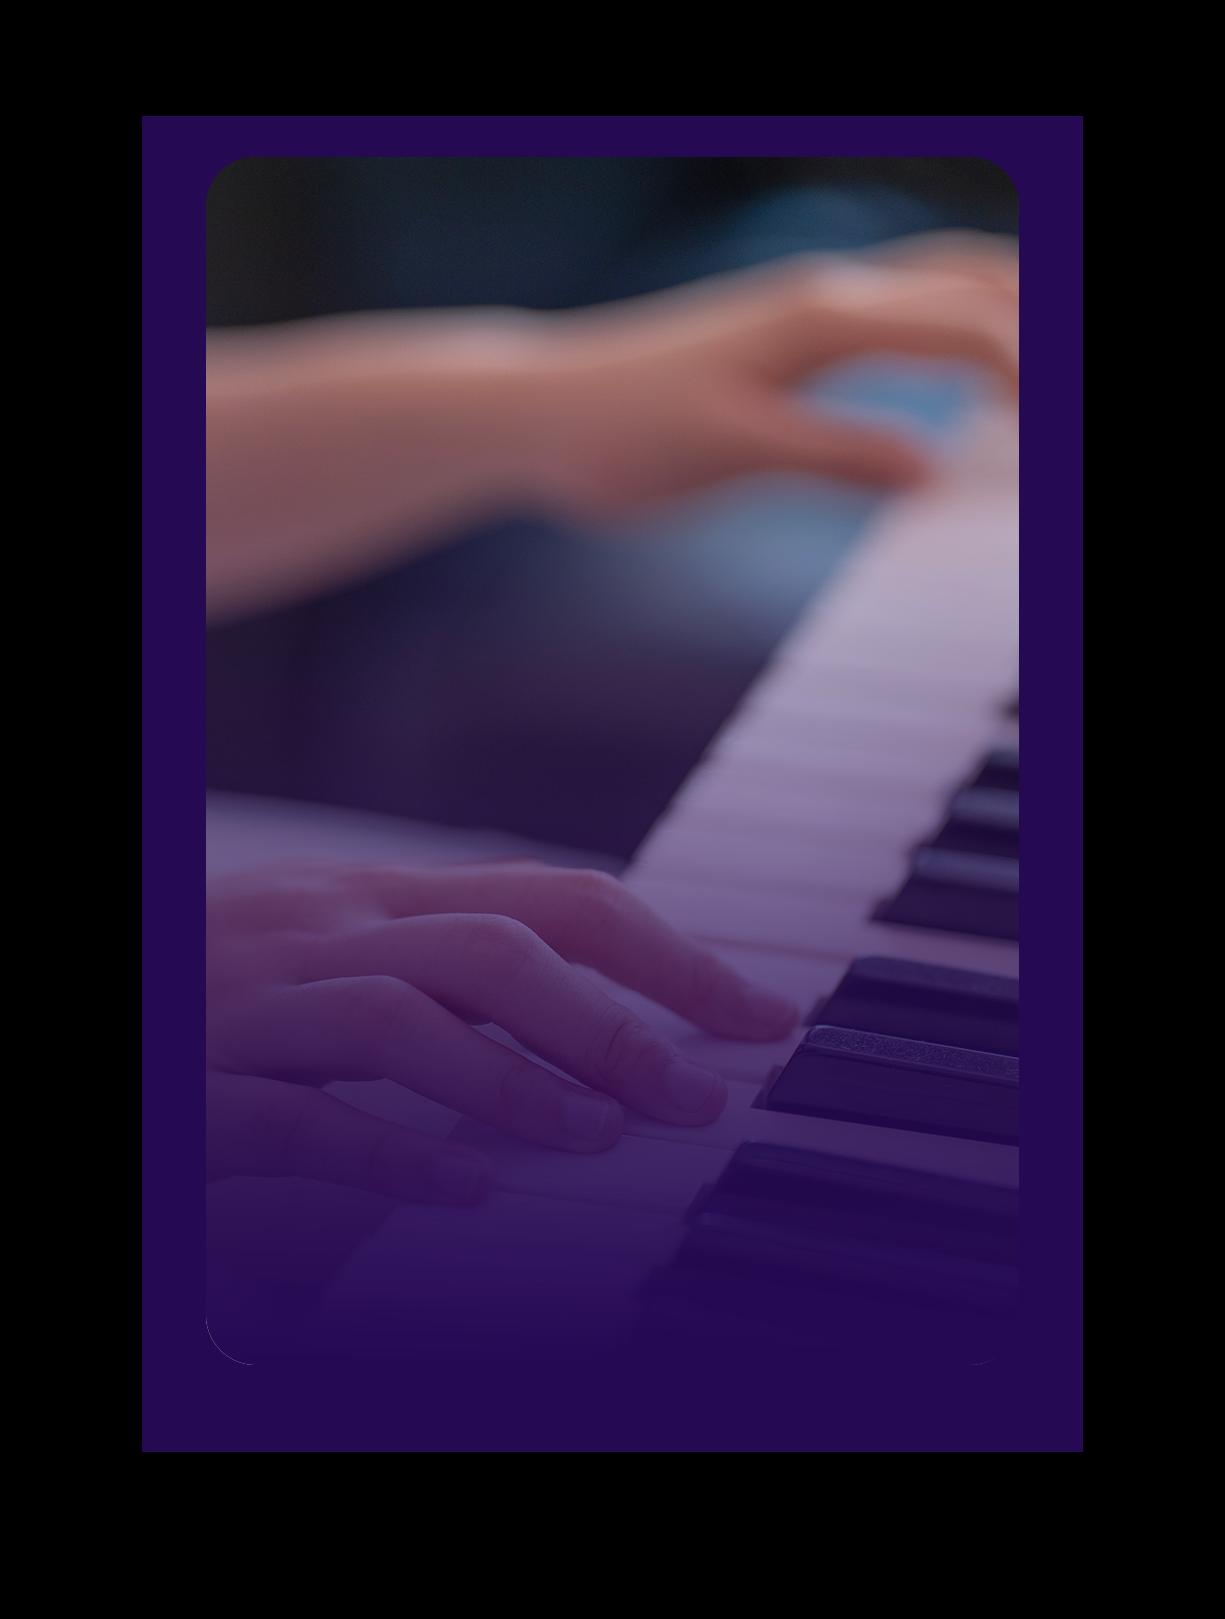 ici se trouve une image de doigts qui jouent au piano